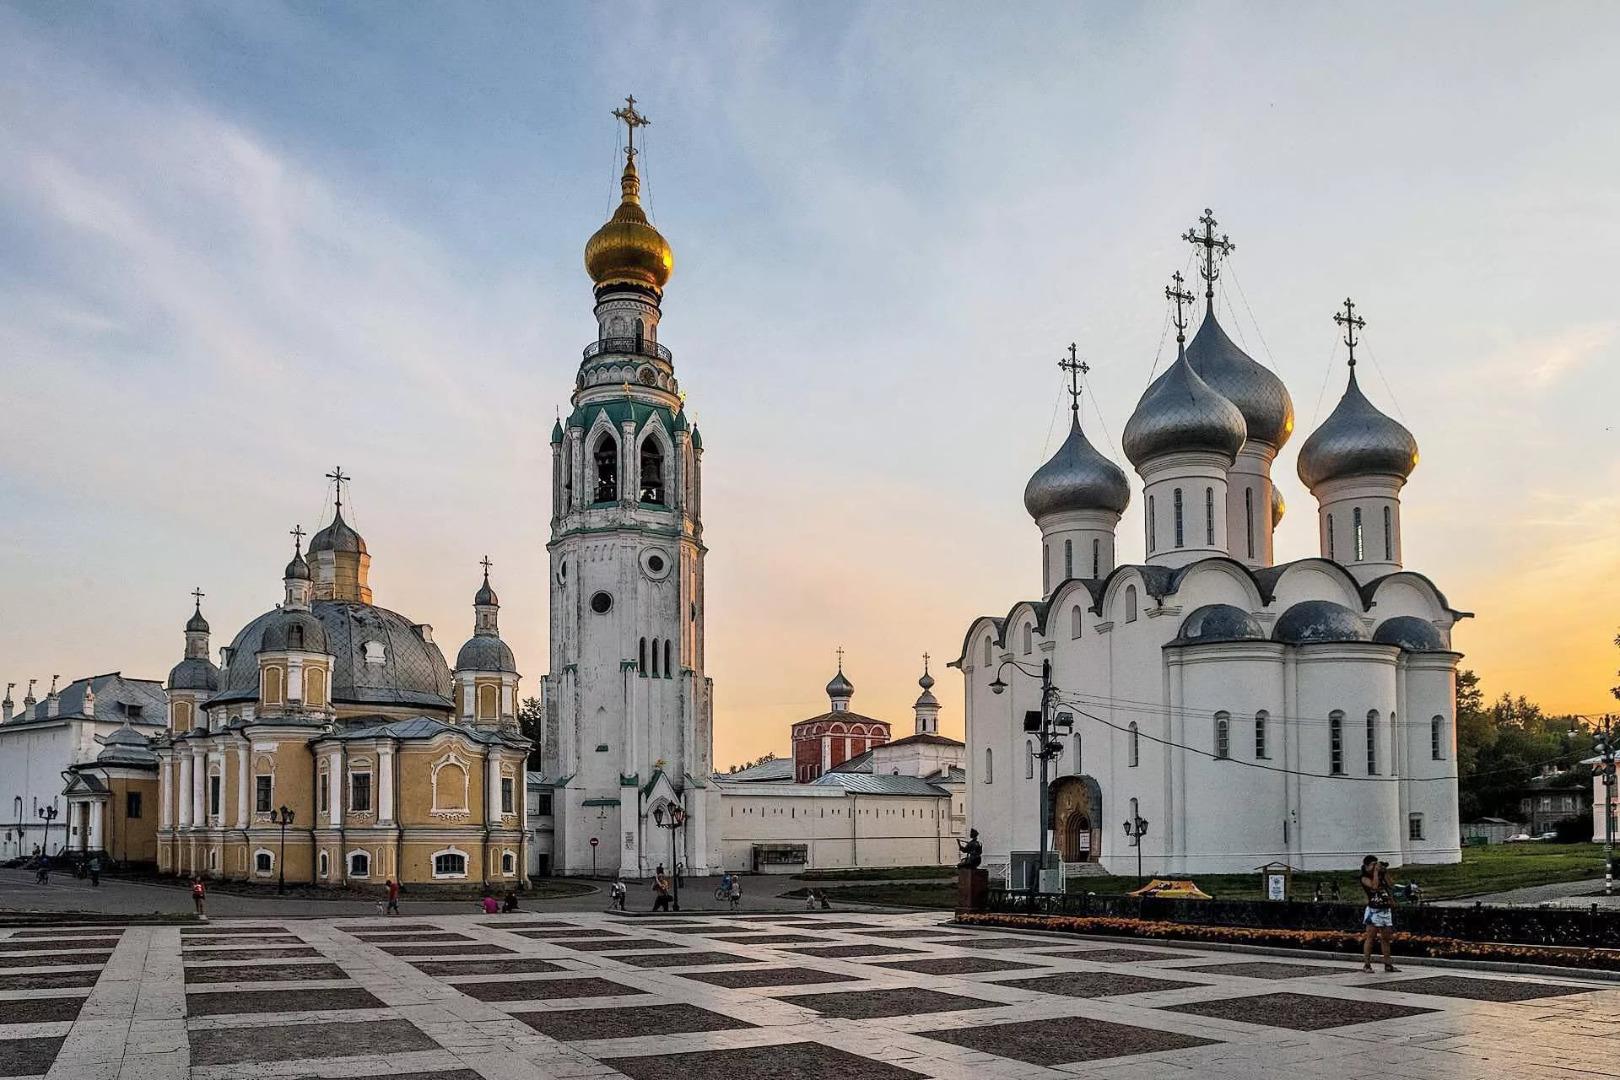 Вологодский Кремль, Вологда